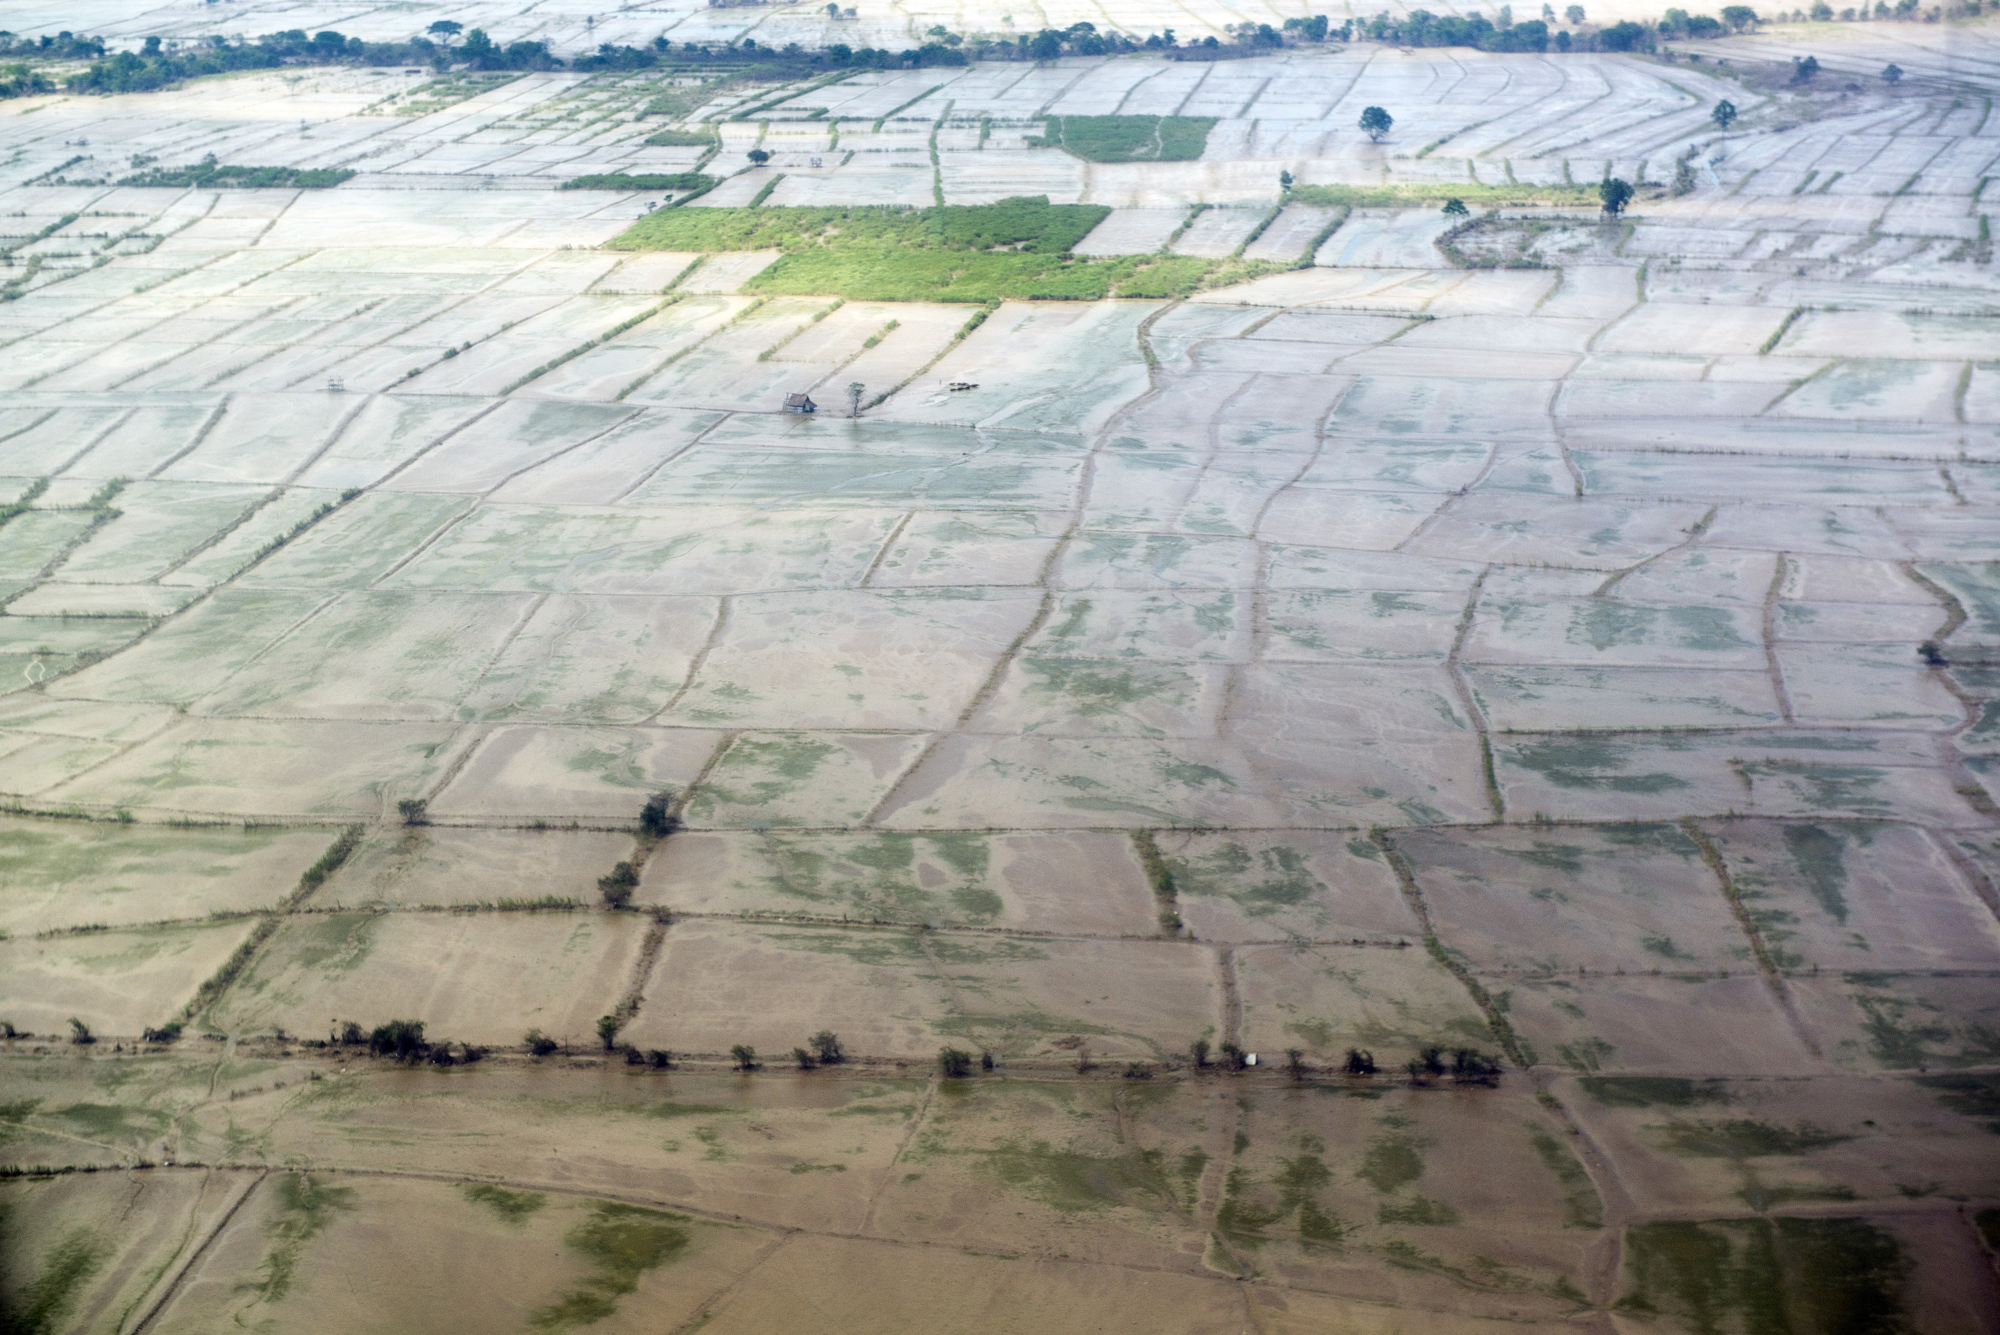 MYANMAR_2015_KALAY_EMIL.JPG